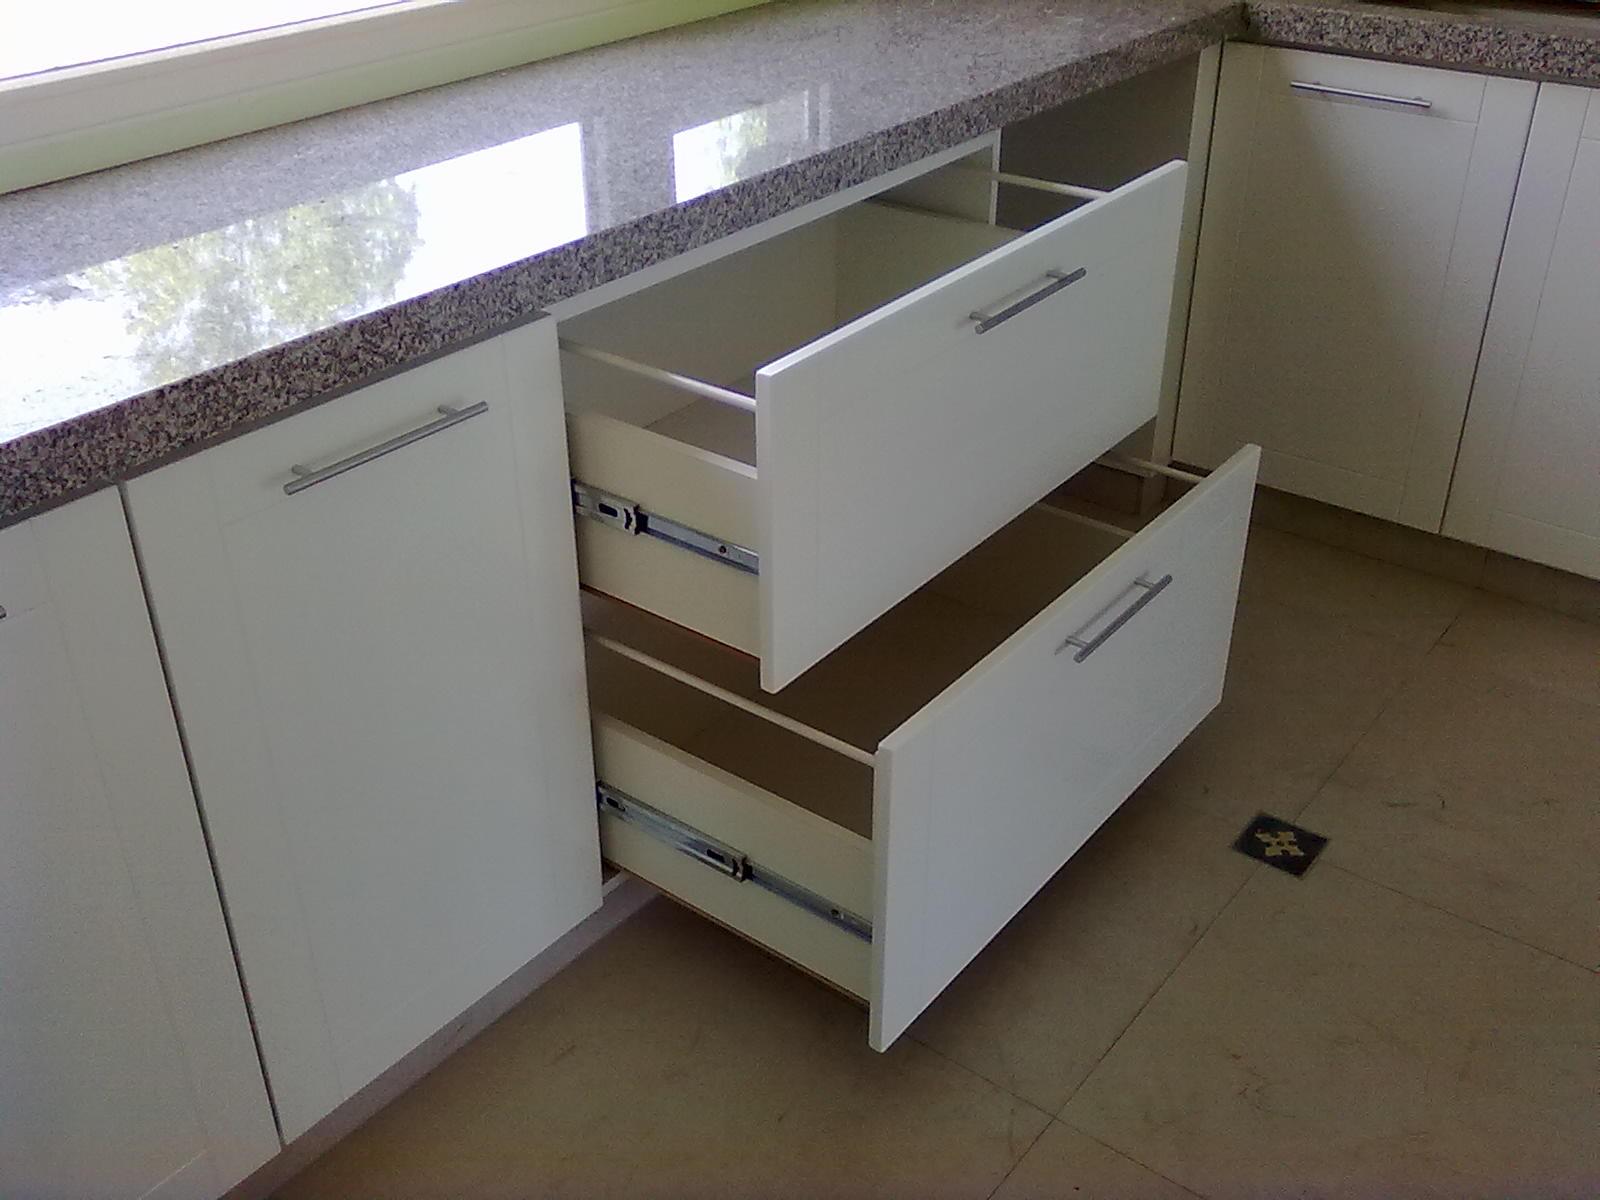 Muebles a Medida Tandil Amoblamiento cocina Laqueado Blanco